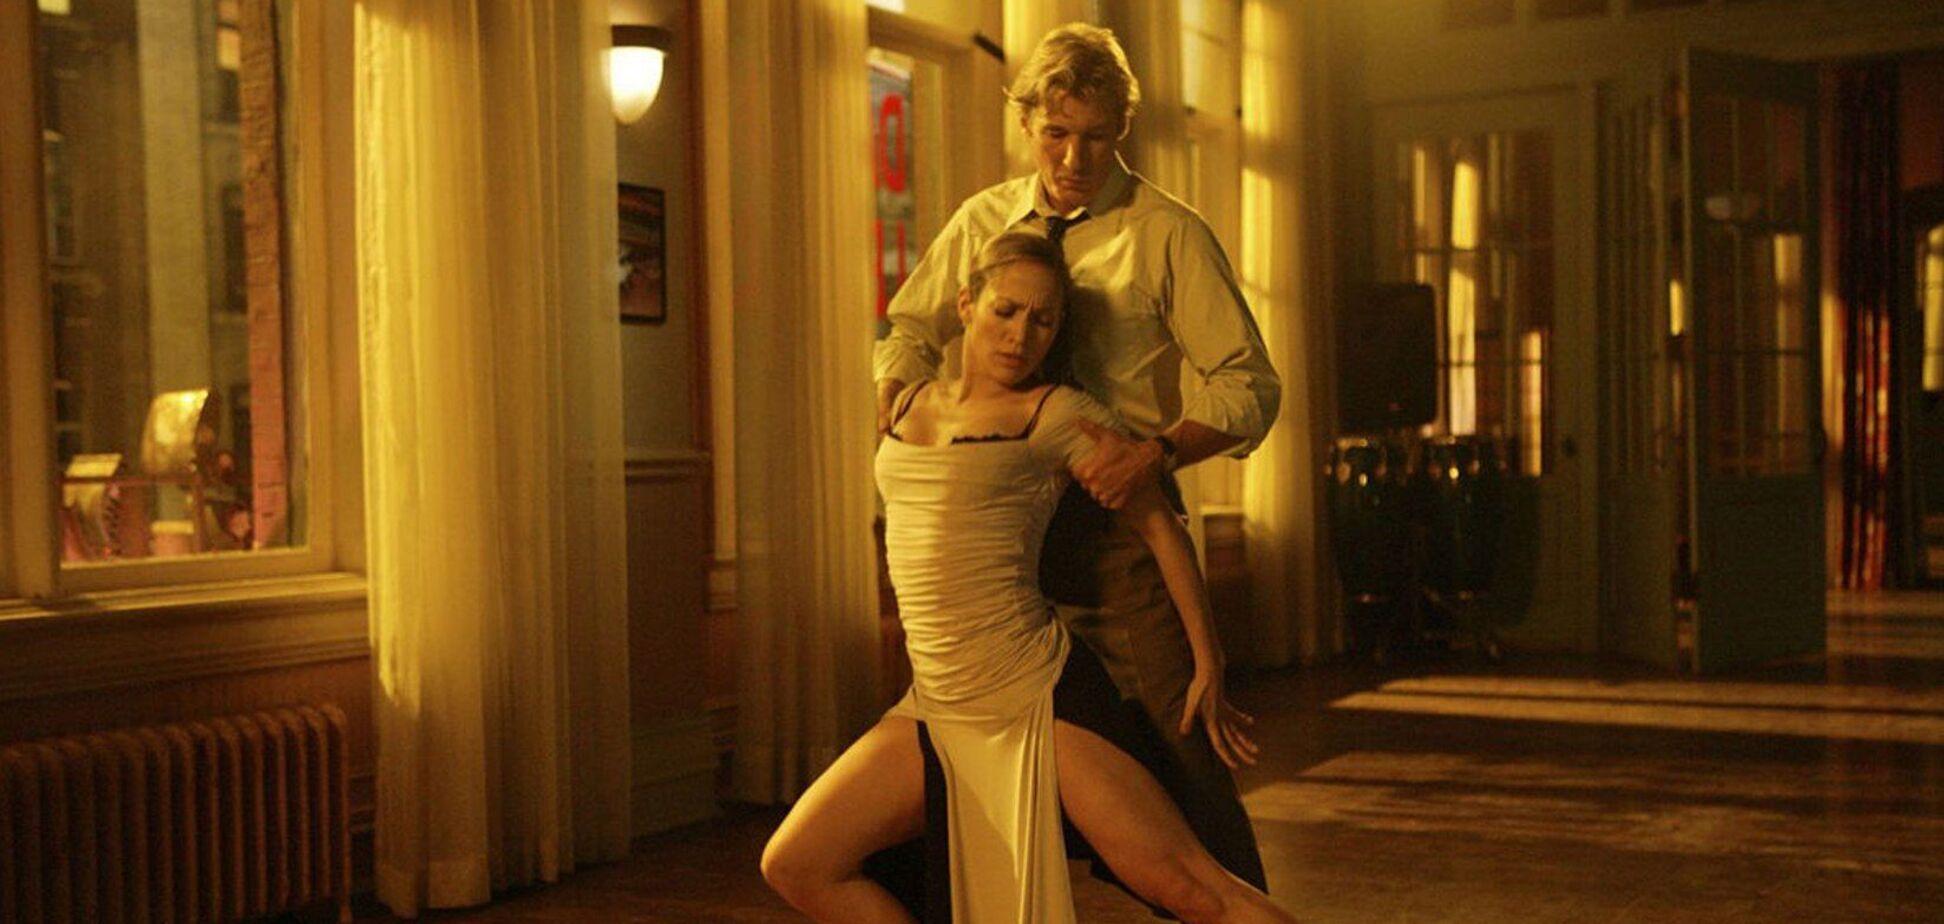 Кадр из фильма 'Давай потанцуем'